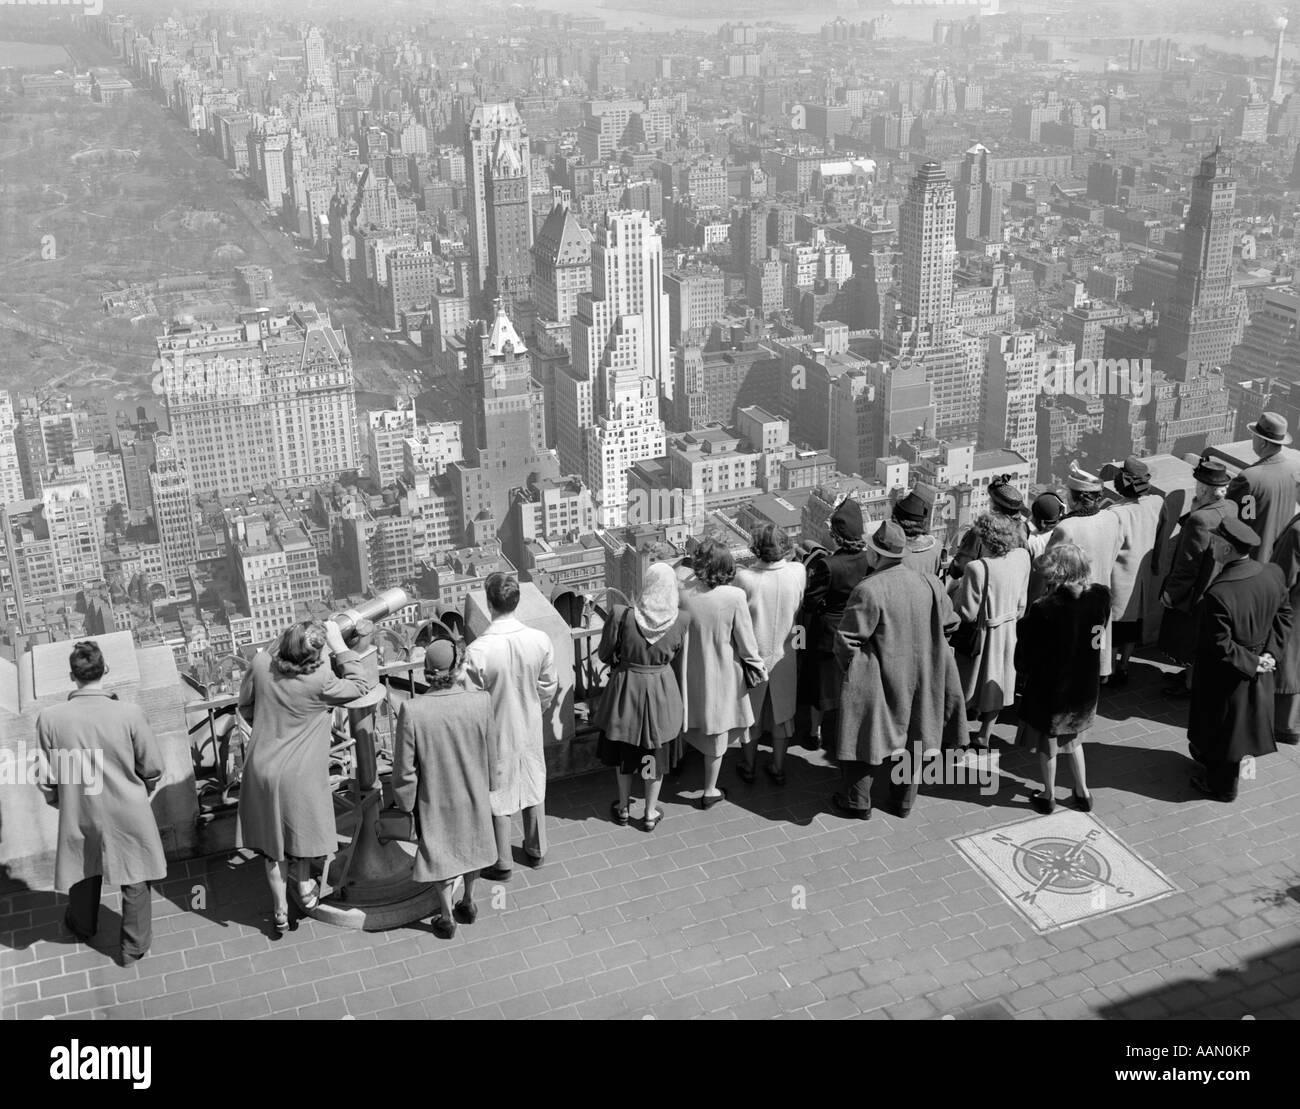 1940 GROUPE DE TOURISTES DEBOUT SUR BÂTIMENT RCA AVEC VUE SUR VILLE Photo Stock